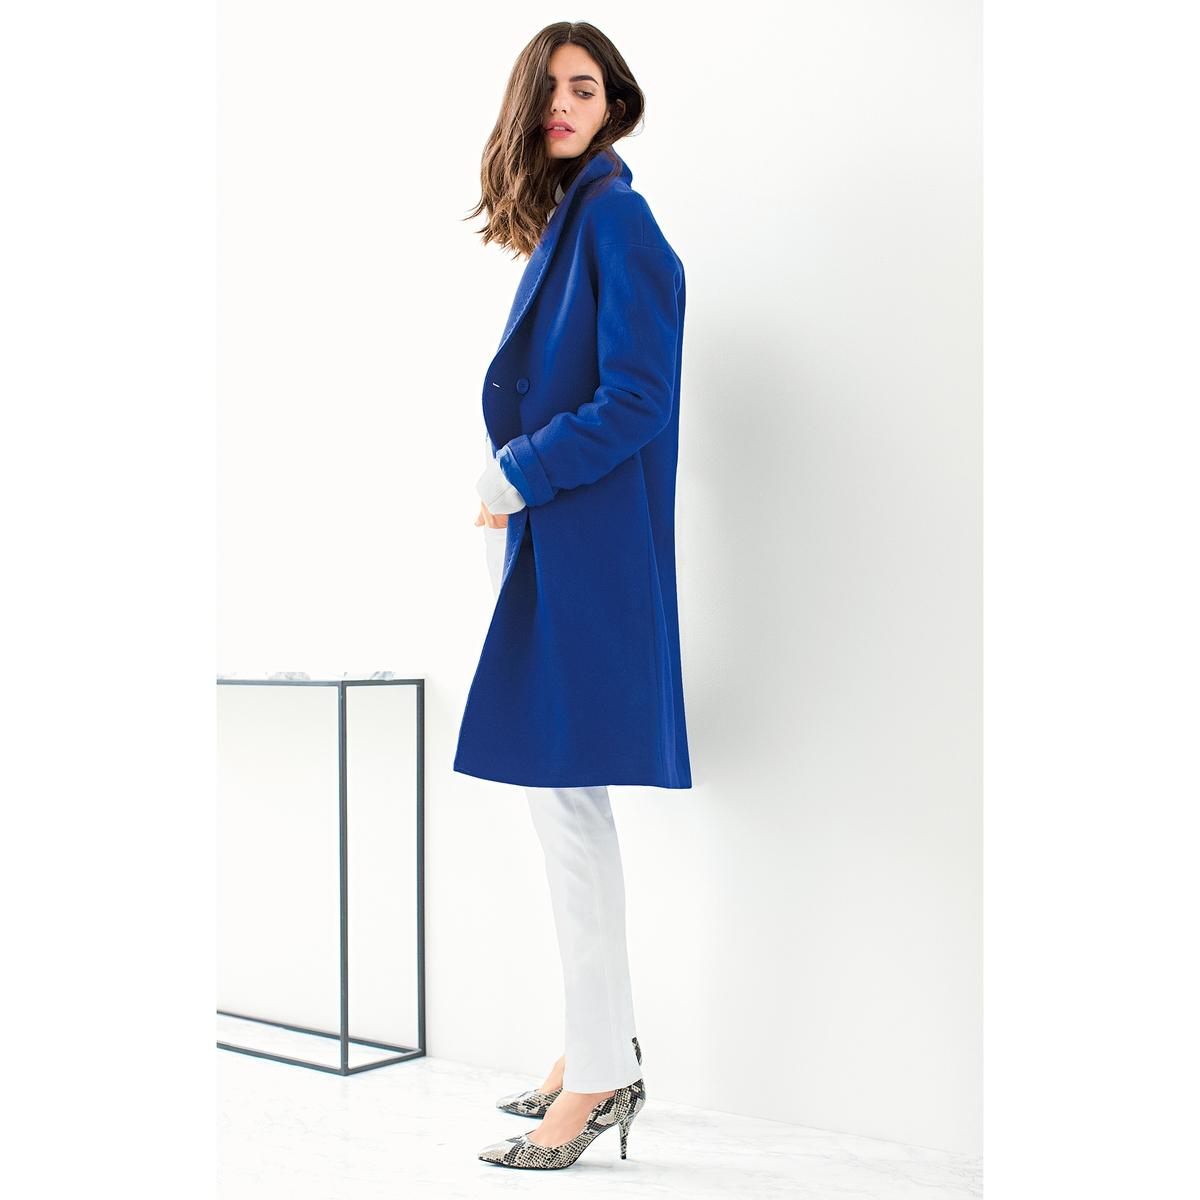 Пальто 80% шерстиПальто LAURA CL?MENT. Овальная форма, длинное пальто. 80% шерсти, 20% полиэстера. Подкладка из полиэстера. Шалевый воротник. Длинные рукава, приспущенные проймы. Застежка на 1 пуговицу. 2 кармана по бокам. Длина ок. 103 см.<br><br>Цвет: синий<br>Размер: 48 (FR) - 54 (RUS)